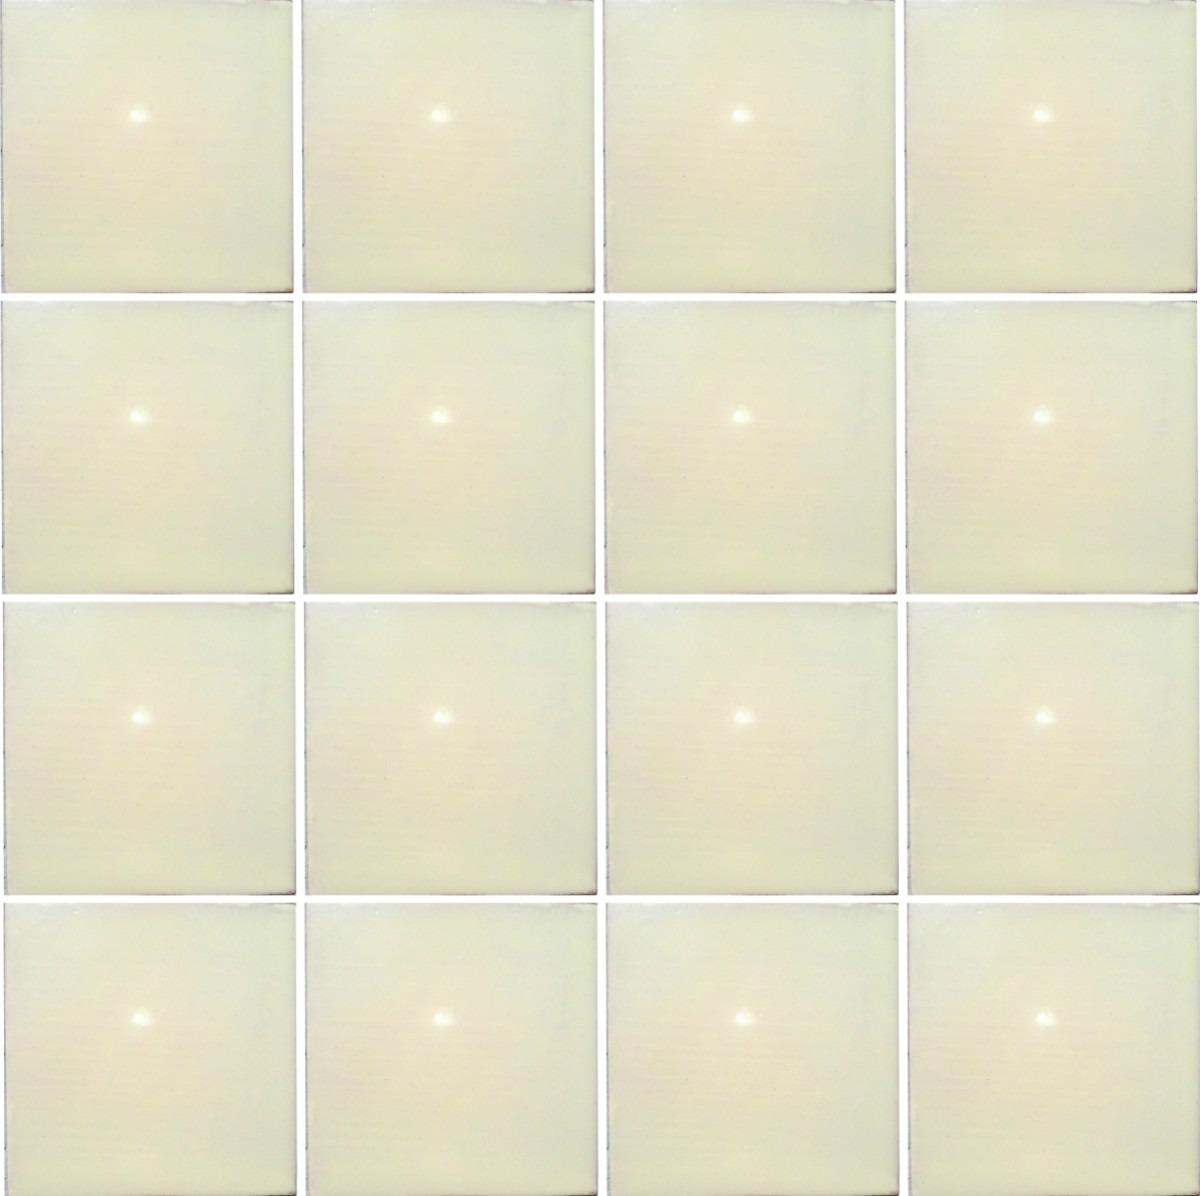 Azulejo talavera blancos 10 piezas en mercado libre for Azulejos mexico